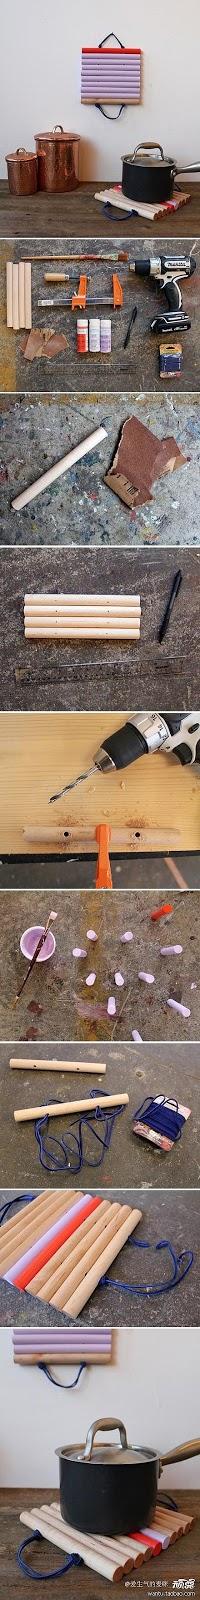 Porta panelas com cabo de vassouras